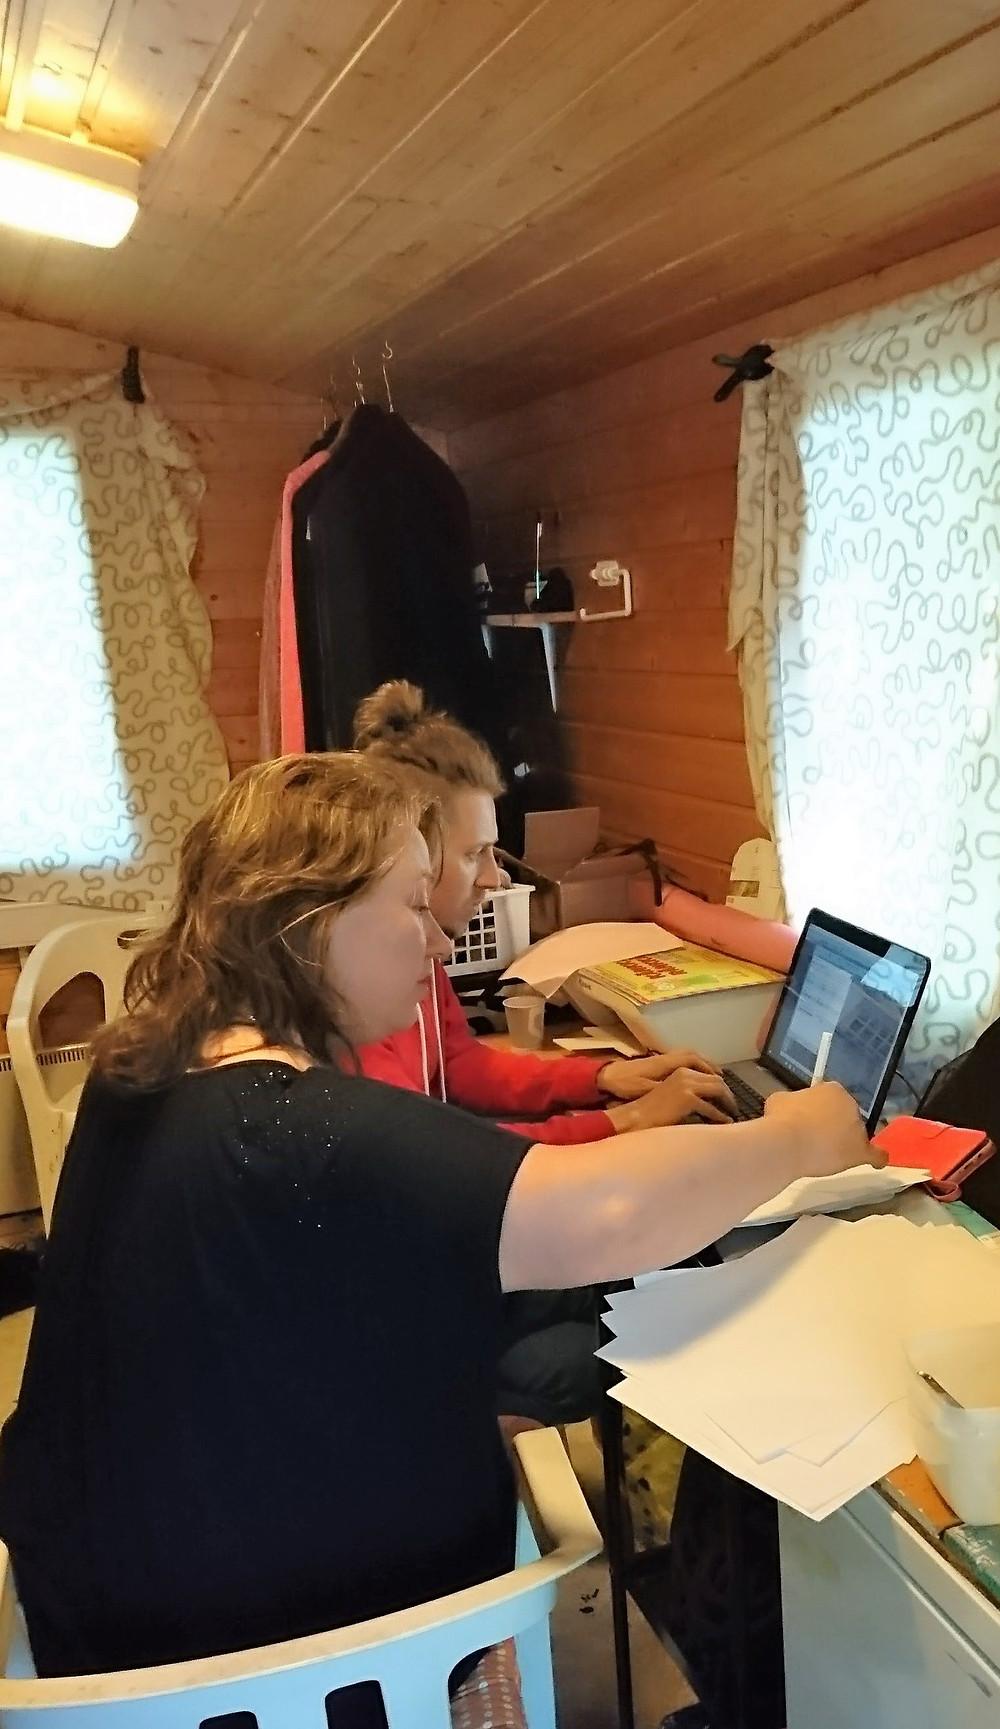 Ohjaaja Ilja Mäkelä ja tuottaja Pauliina Alanko laittavat ääniä kohdilleen. Kuva Suvi Lahdenmäki.